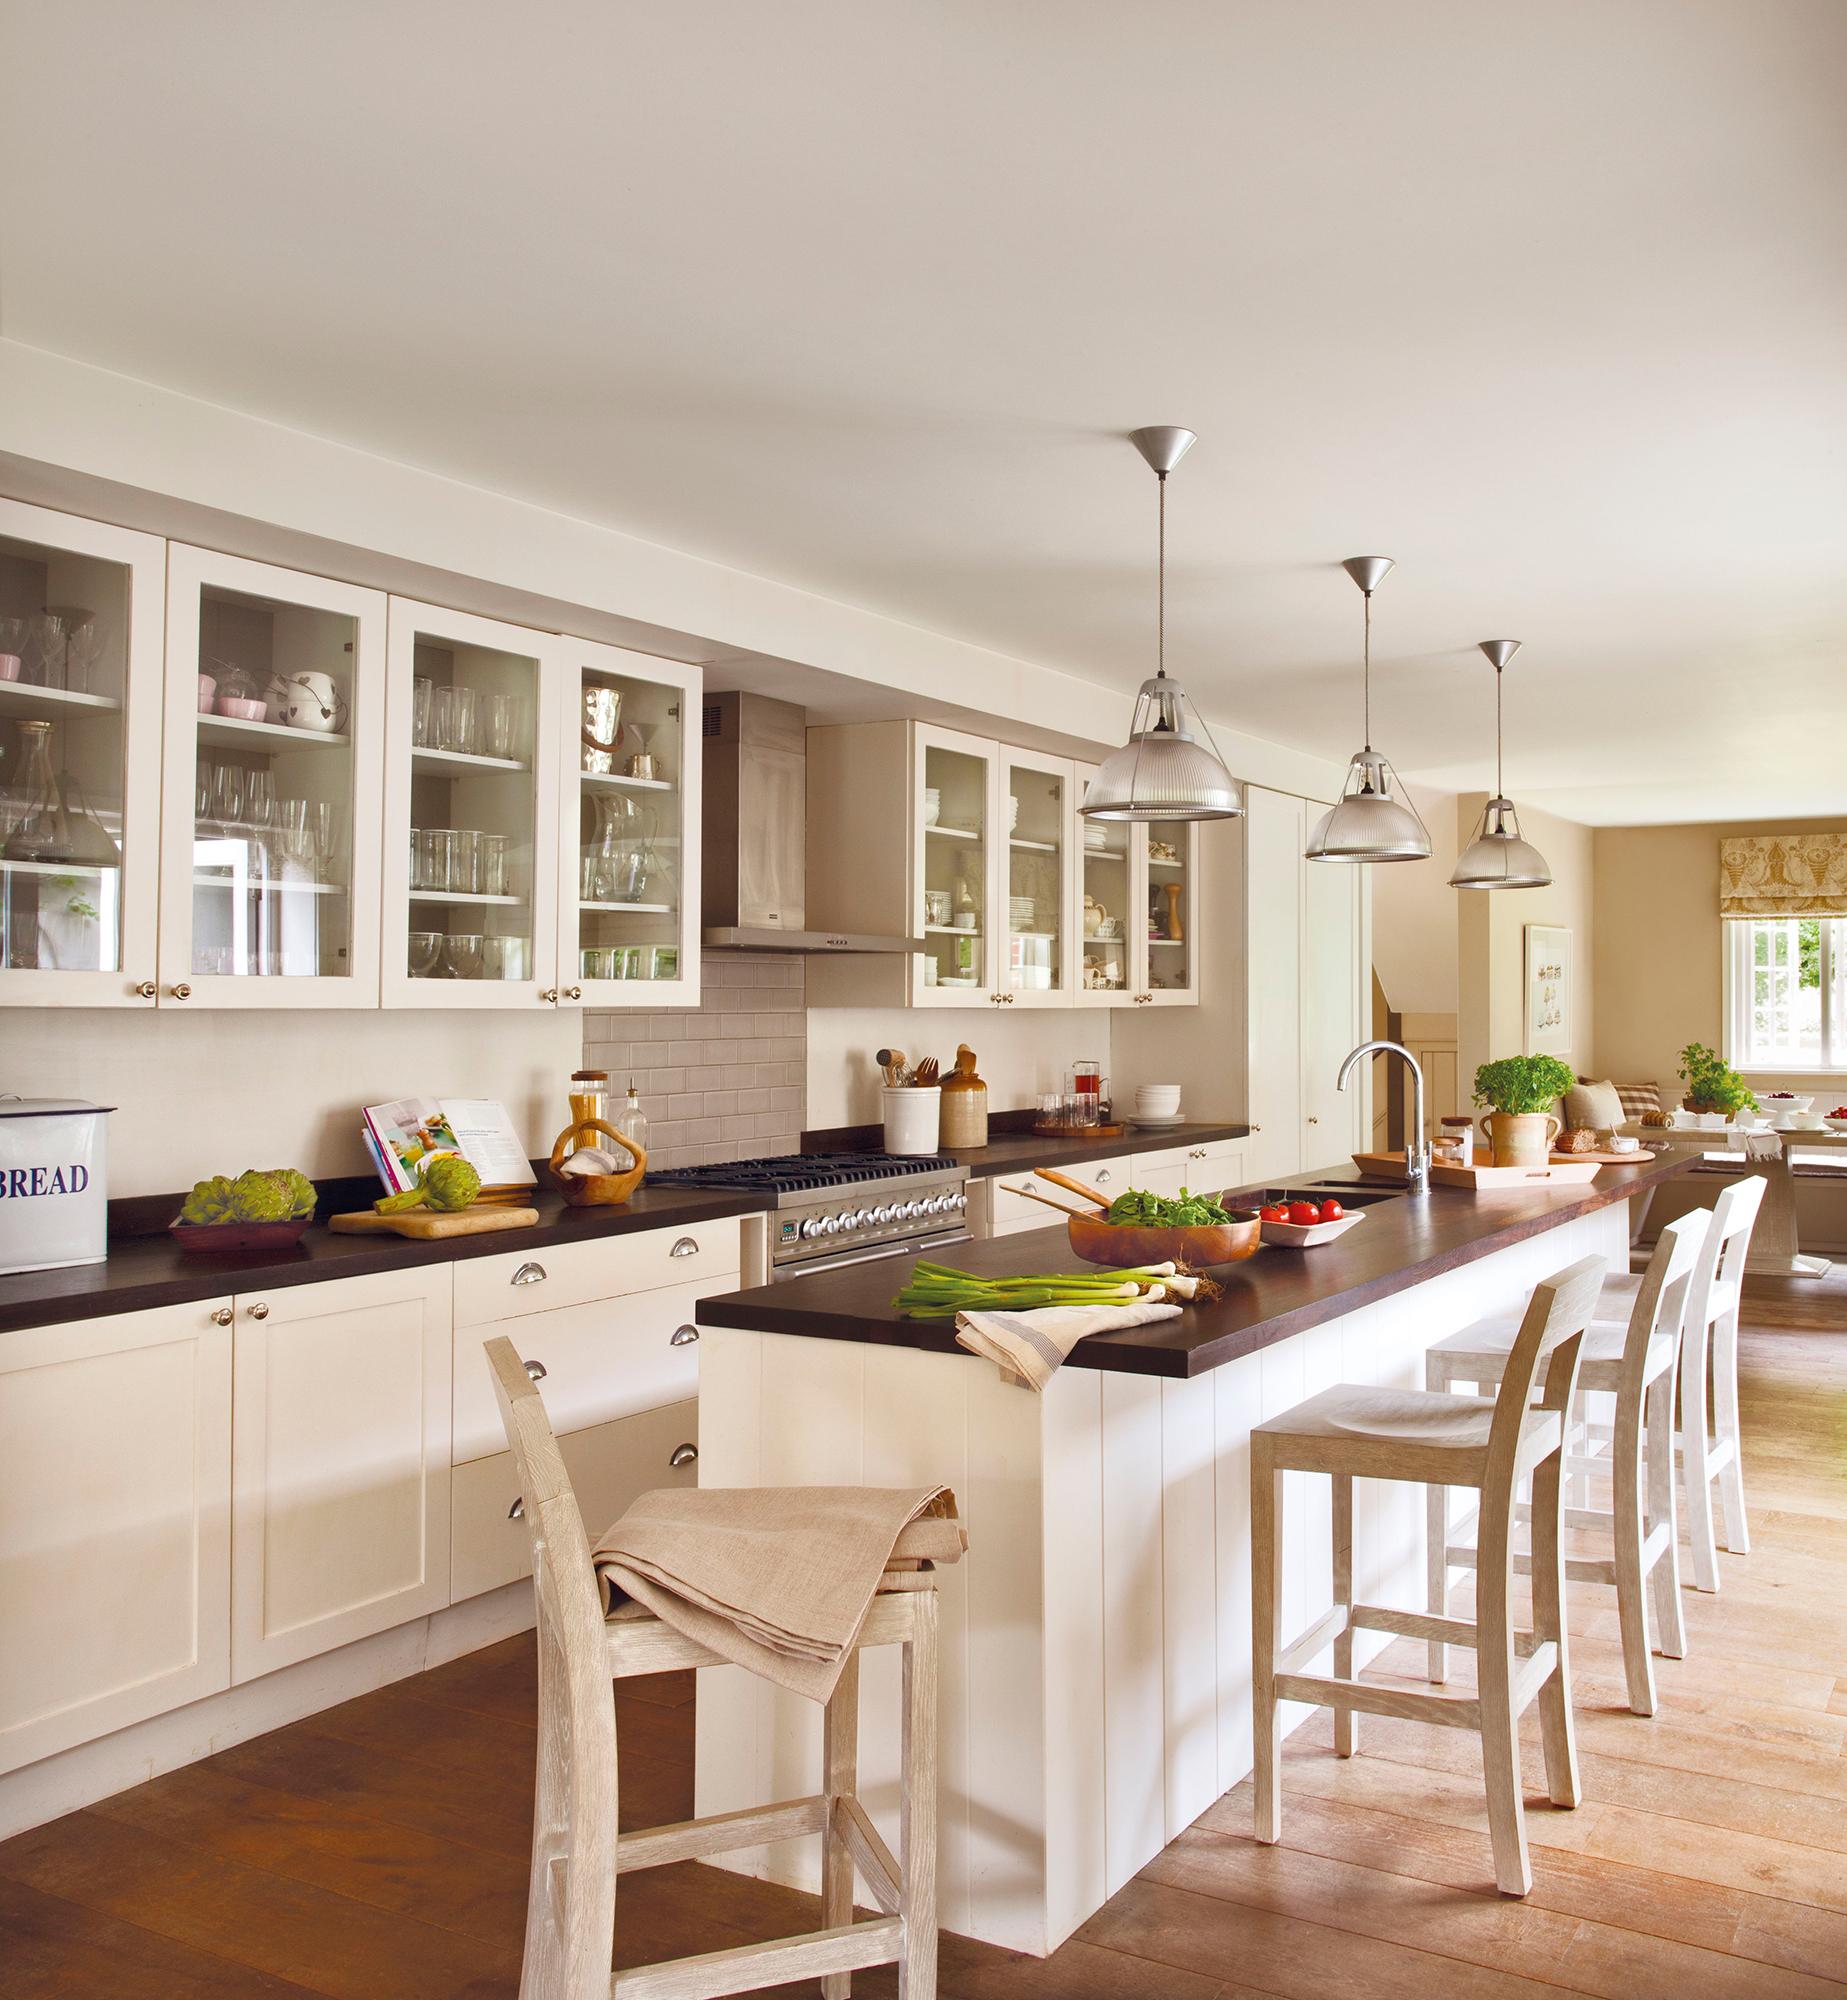 Cocinas Las 50 Mejores De El Mueble - Cocinas-blancas-con-isla